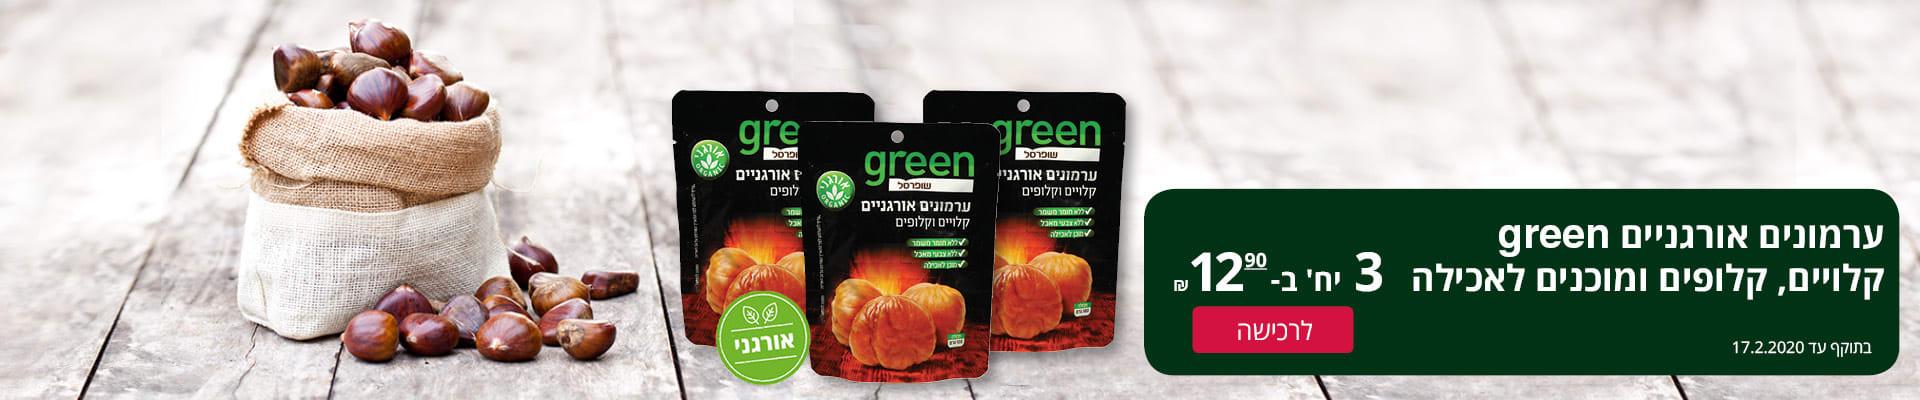 ערמונים אורגניים green קלויים, קלופים ומוכנים לאכילה 3 יחידות ב- 12.90 ₪. בתוקף עד 17.2.2020